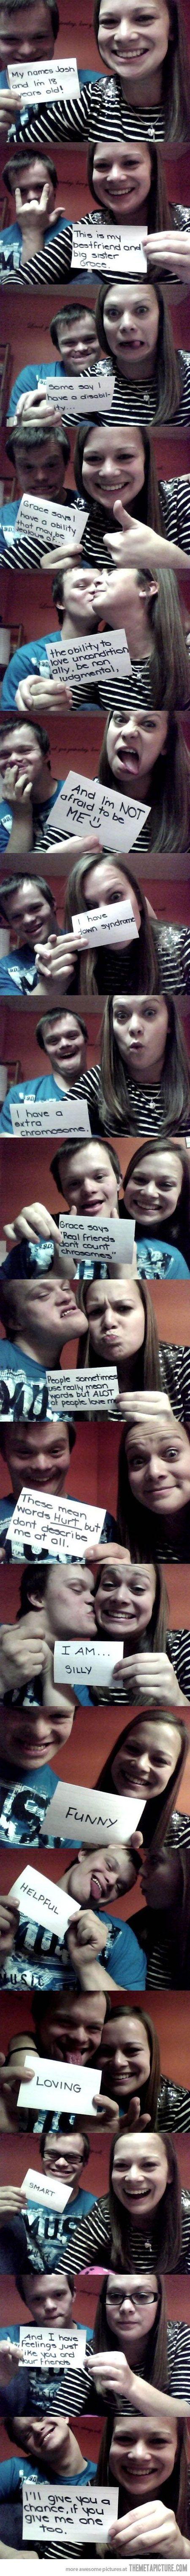 Cualquier tipo de persona con capacidades especiales debe de tratarse como una persona :)